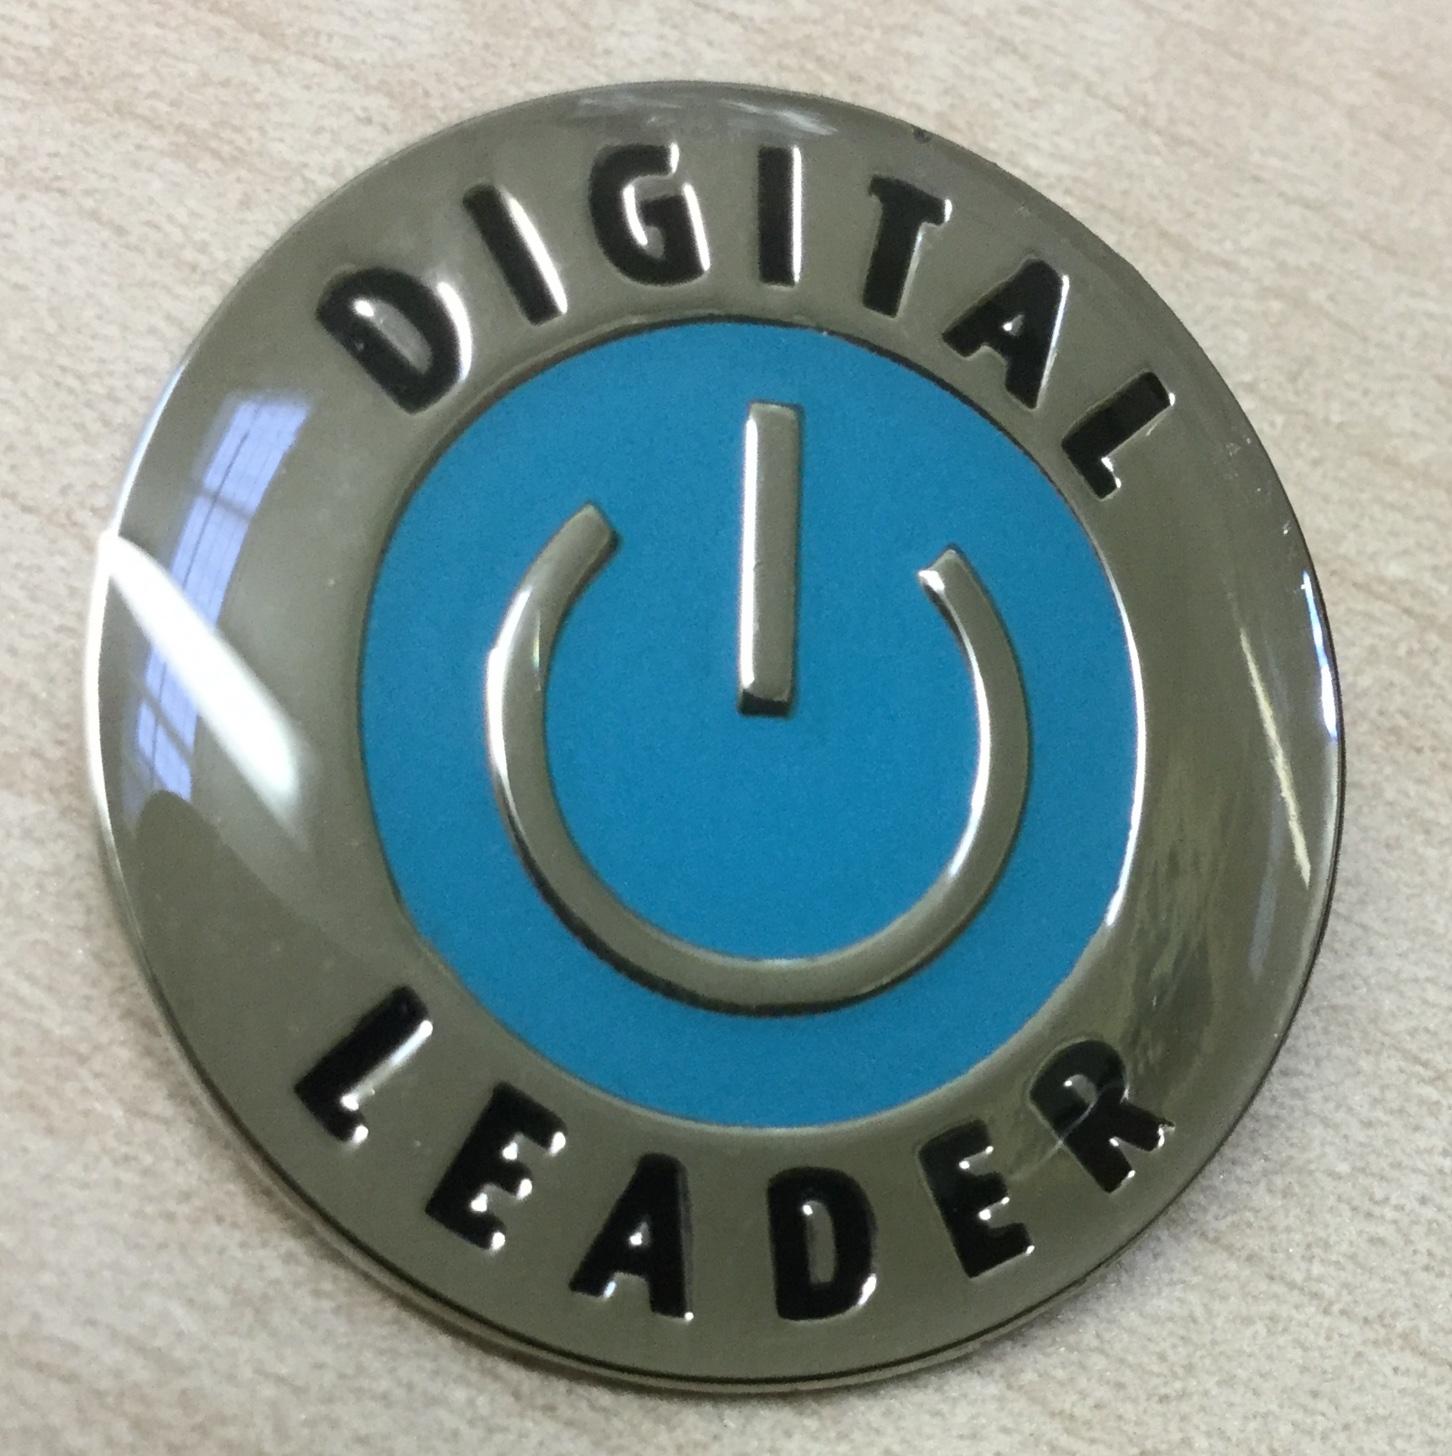 Category: Digital Leaders